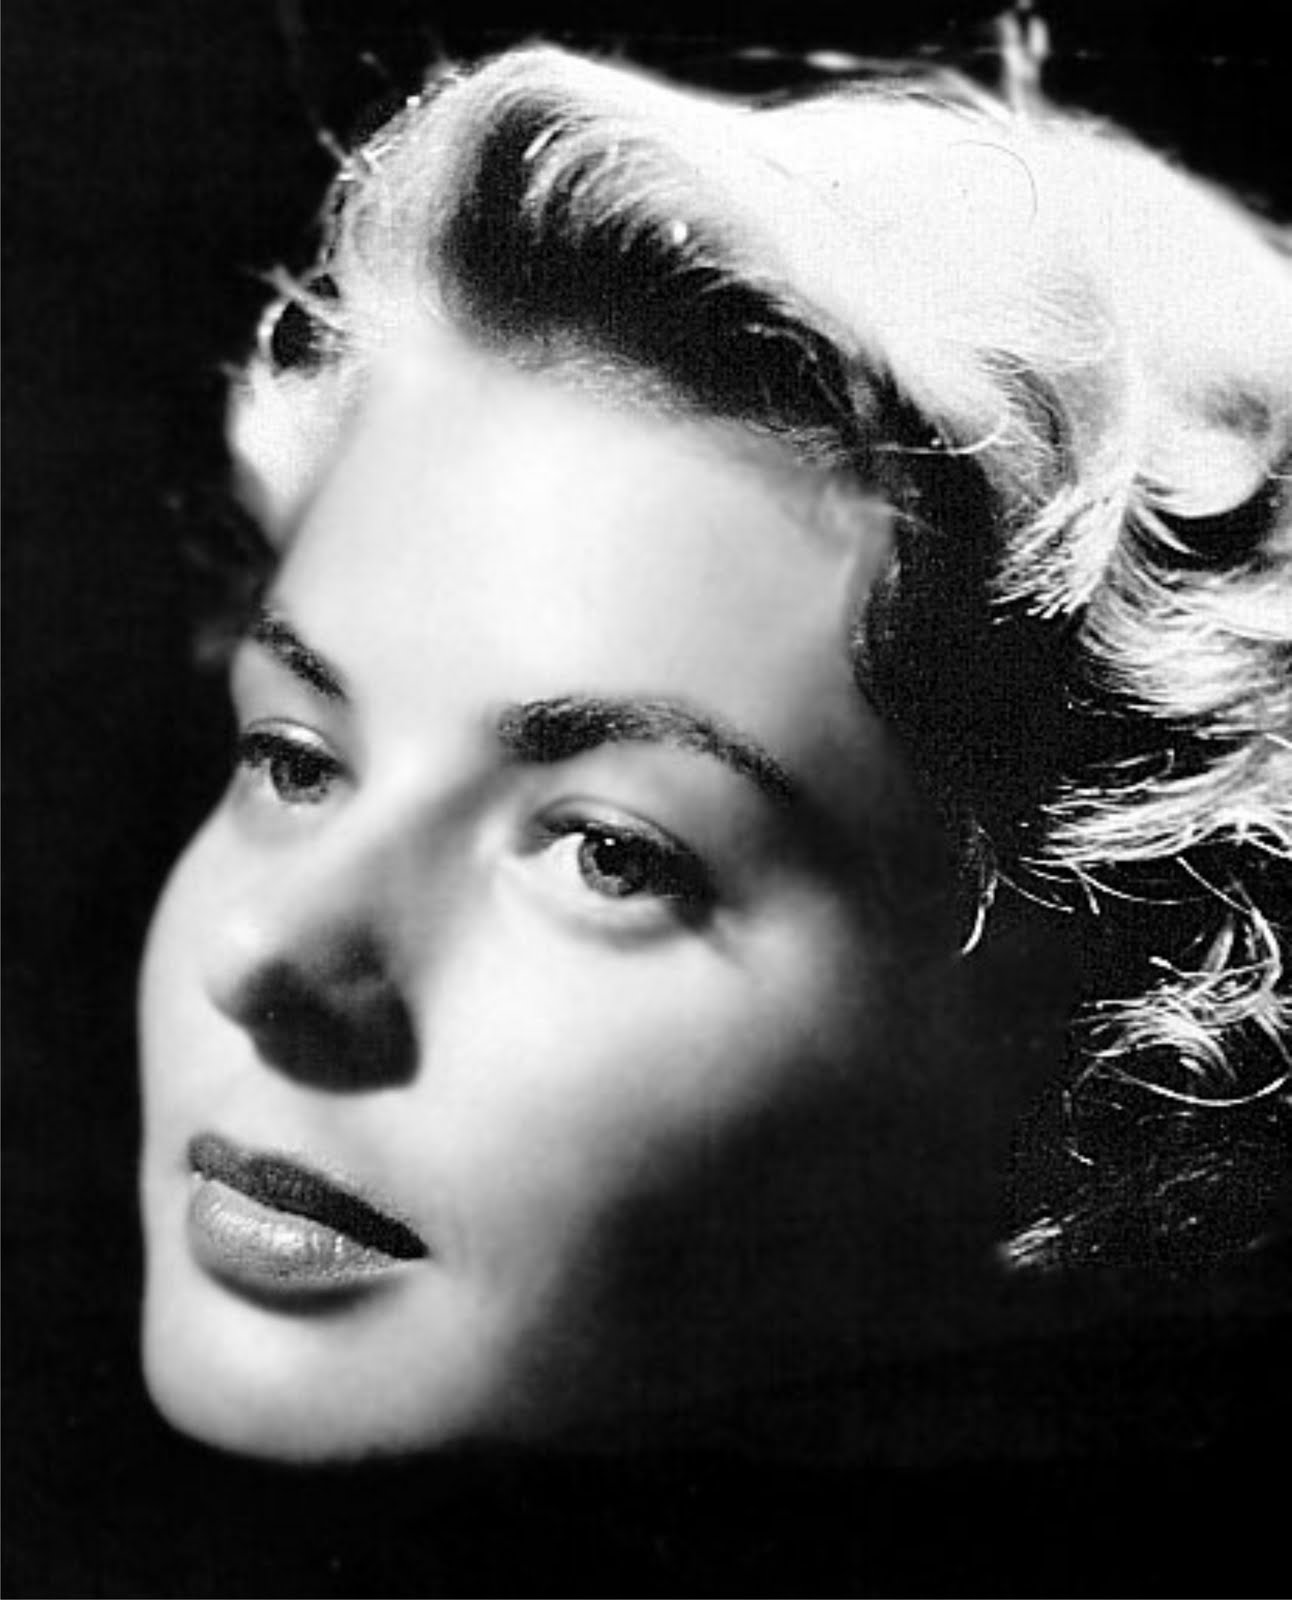 Displaying images for liz sheridan - Young Ingrid Bergman Viewing Gallery